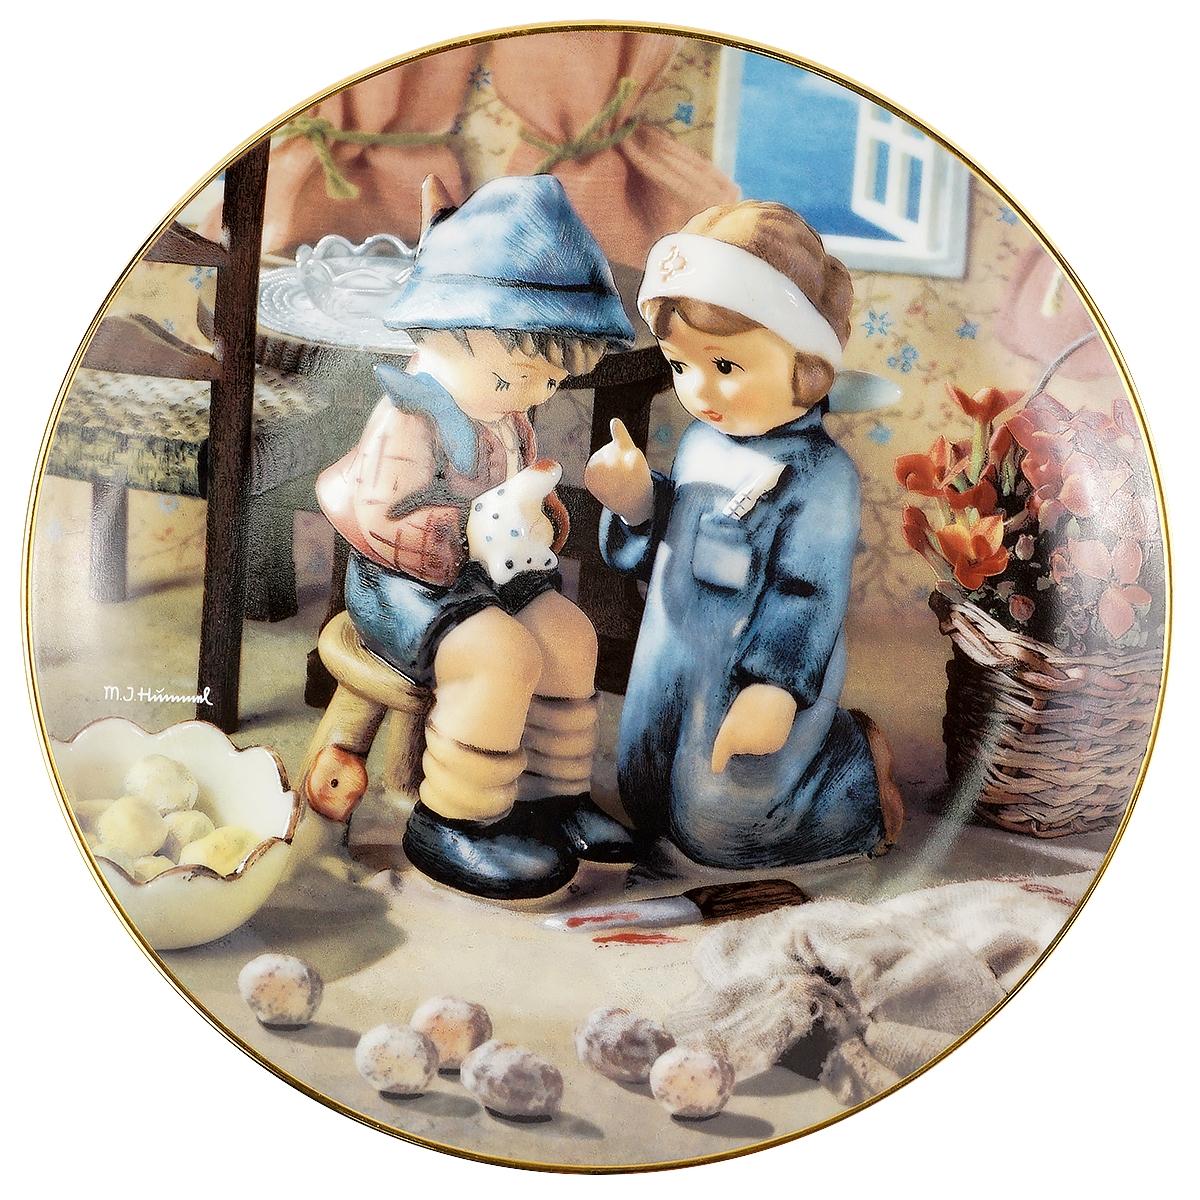 Декоративная тарелка Goebel Любовь и забота. Фарфор, деколь, золочение. Швейцария, вторая половина ХХ века чайный сервиз сорренто на 3 персоны 12 предметов фарфор деколь золочение royal albert великобритания вторая половина хх века